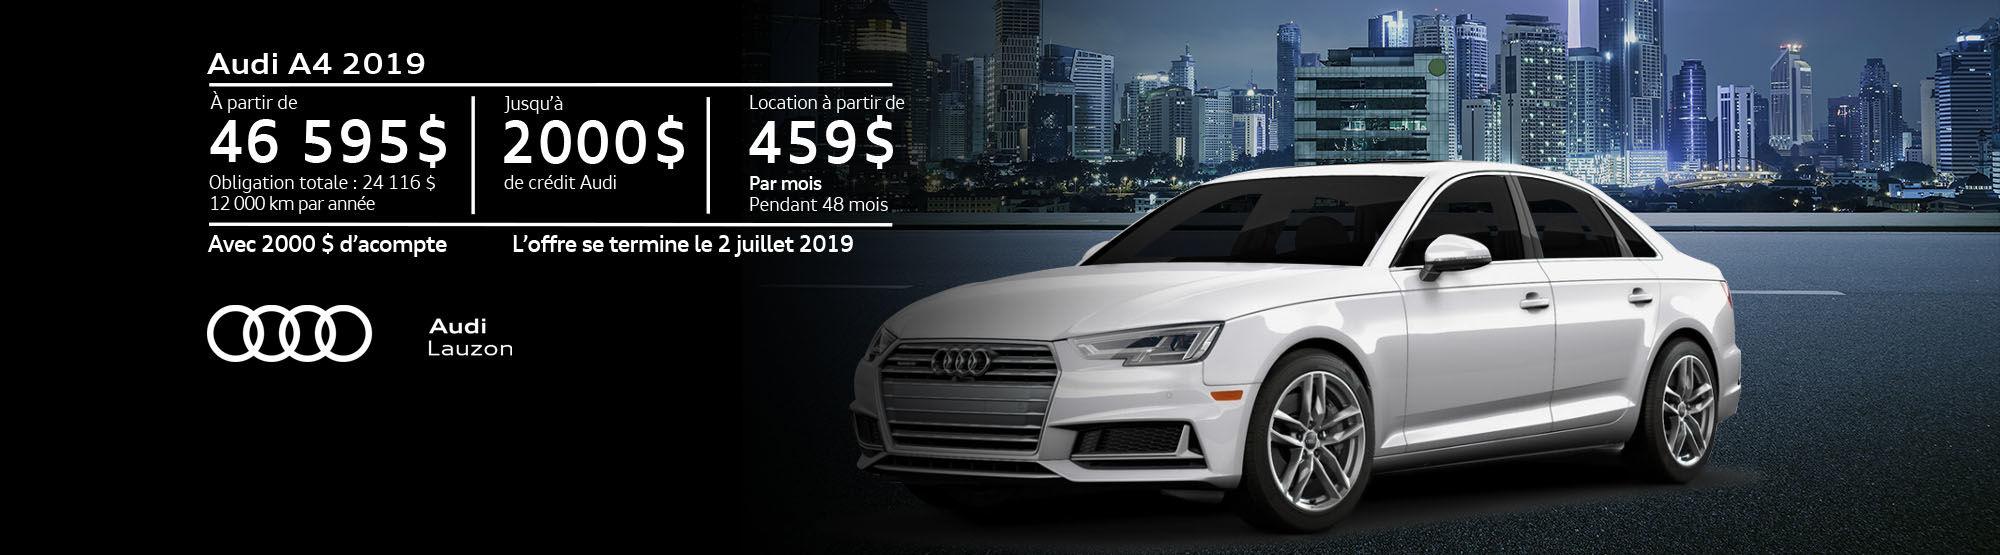 Audi A4 juin 2019